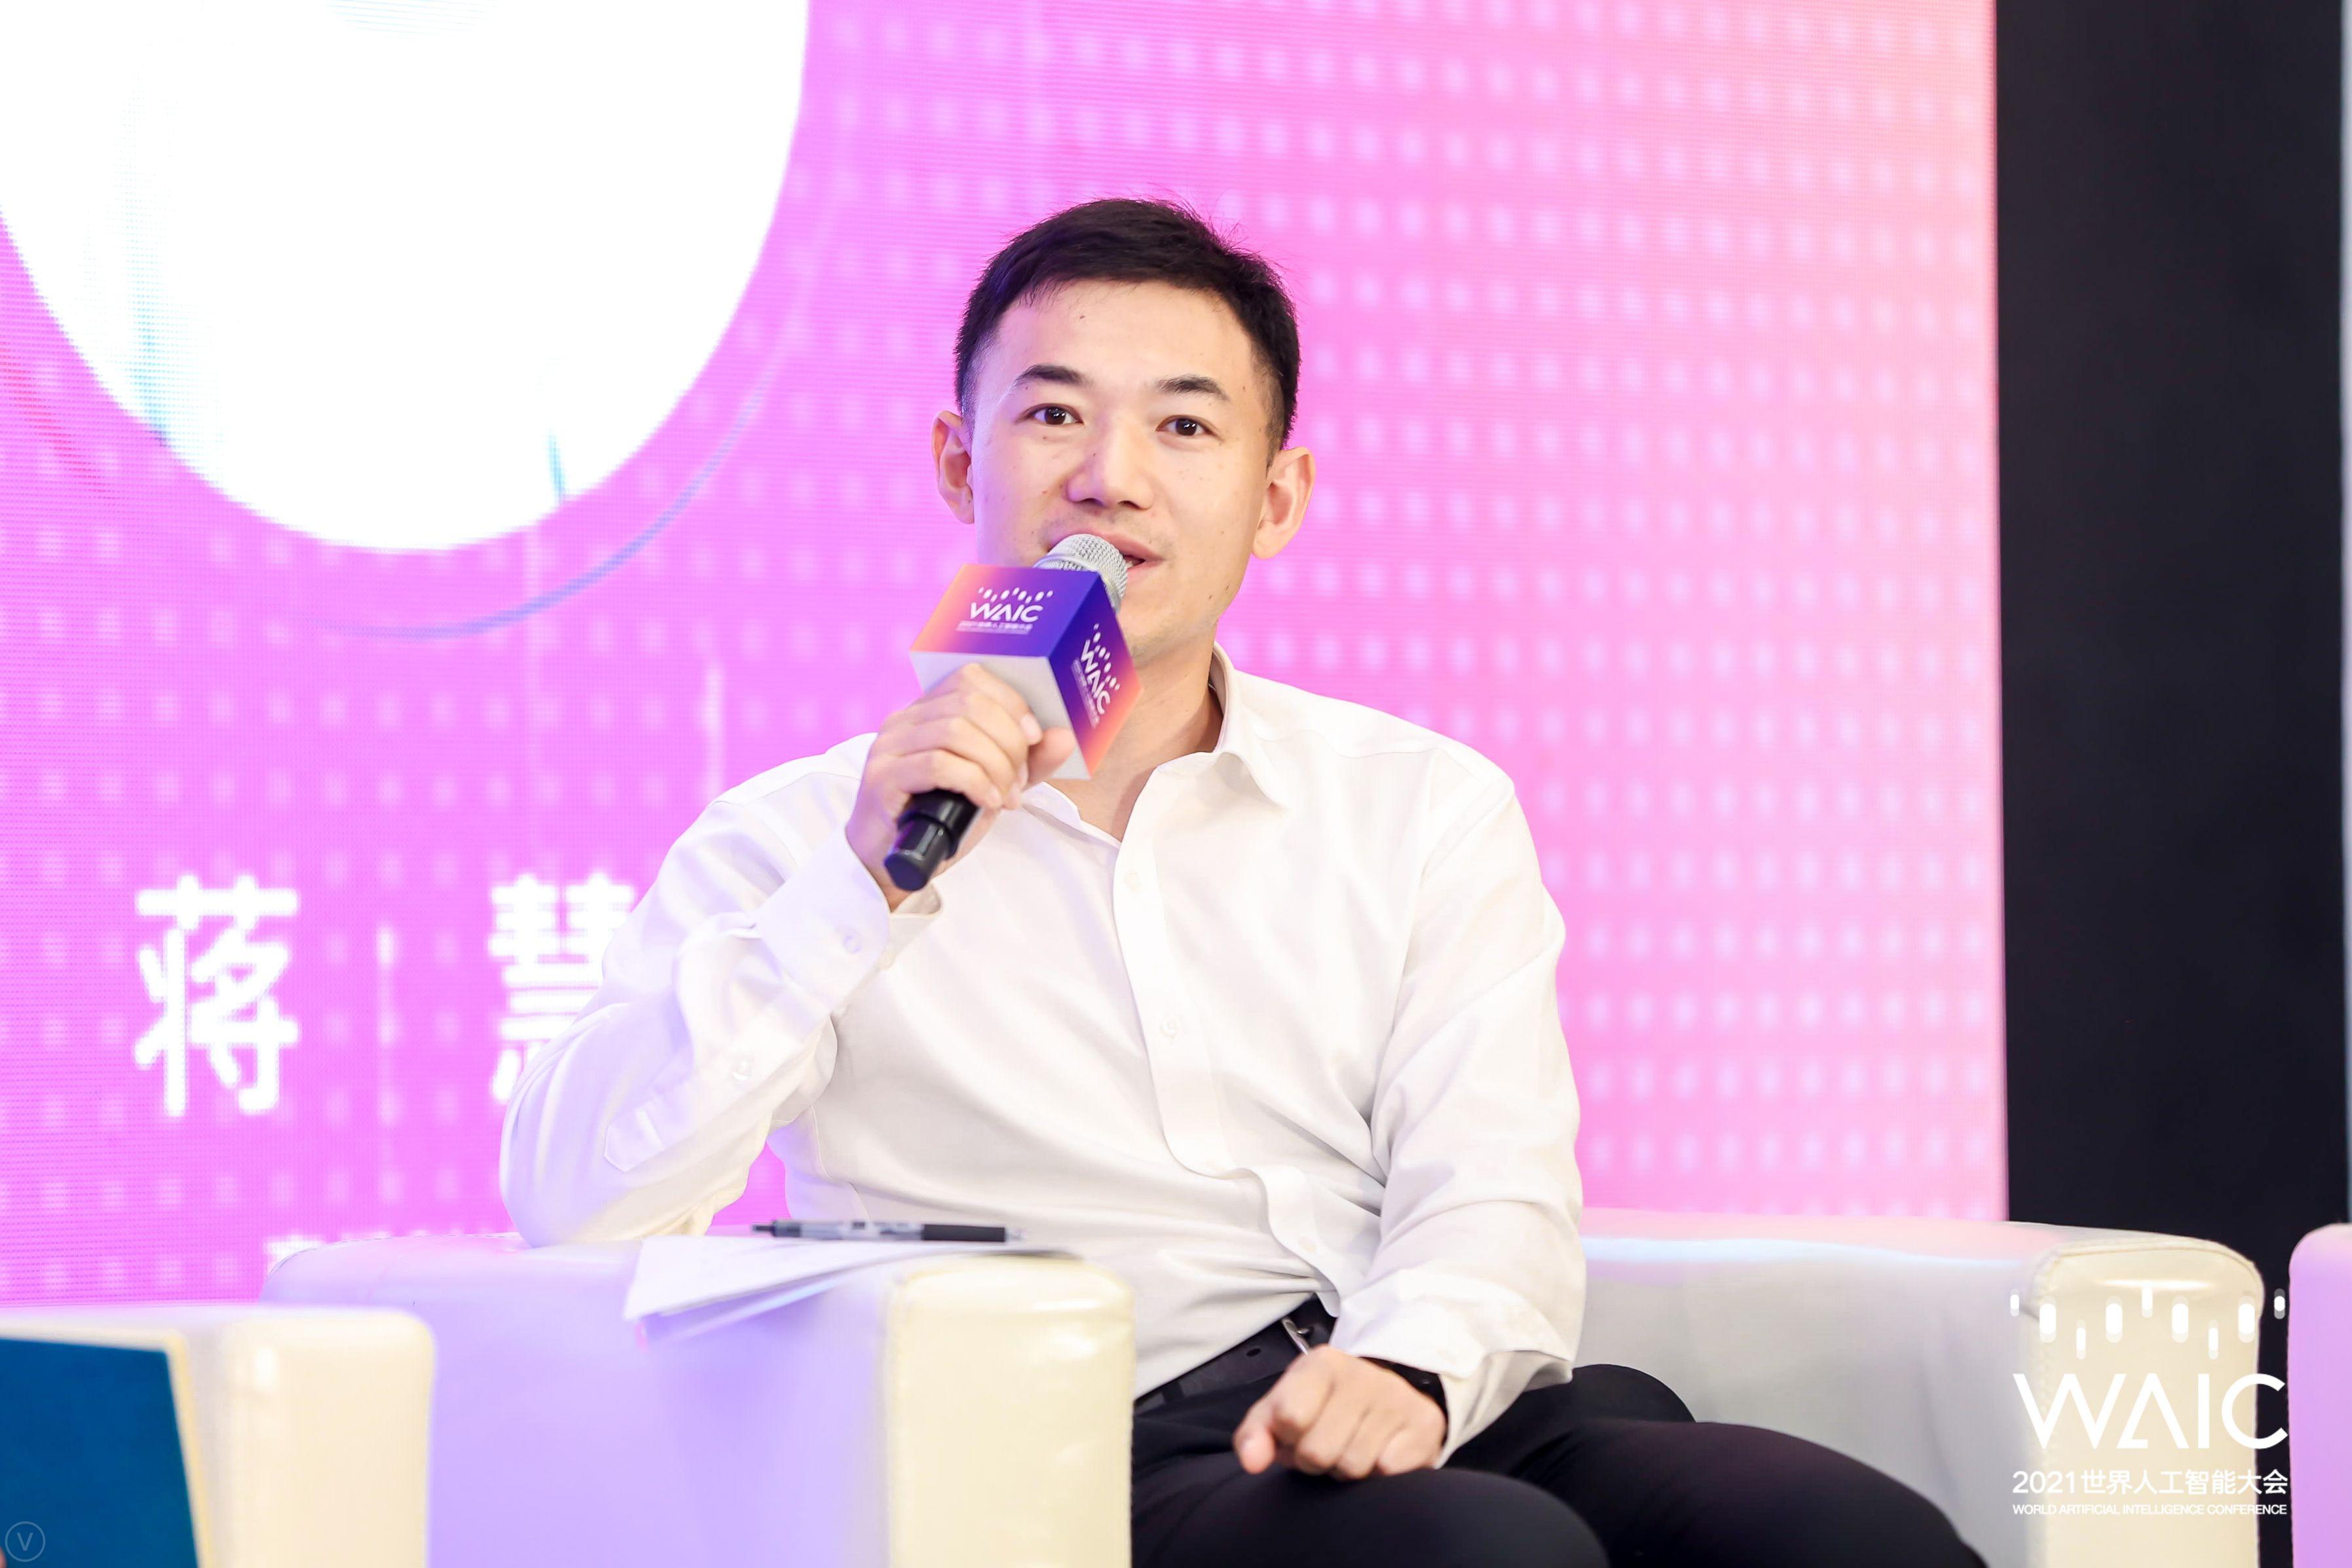 上海计算机软件技术开发中心人工智能治理研究所执行所长陈敏刚